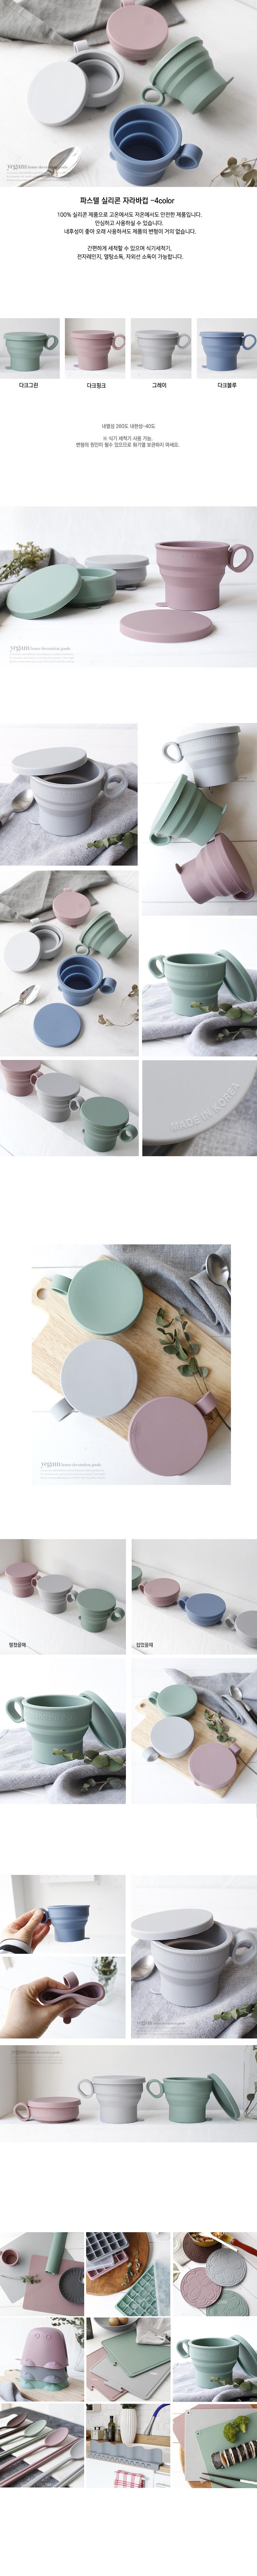 파스텔 실리콘 자바라컵(4color) - 체리하우스, 5,000원, 피크닉도시락/식기, 컵/물병